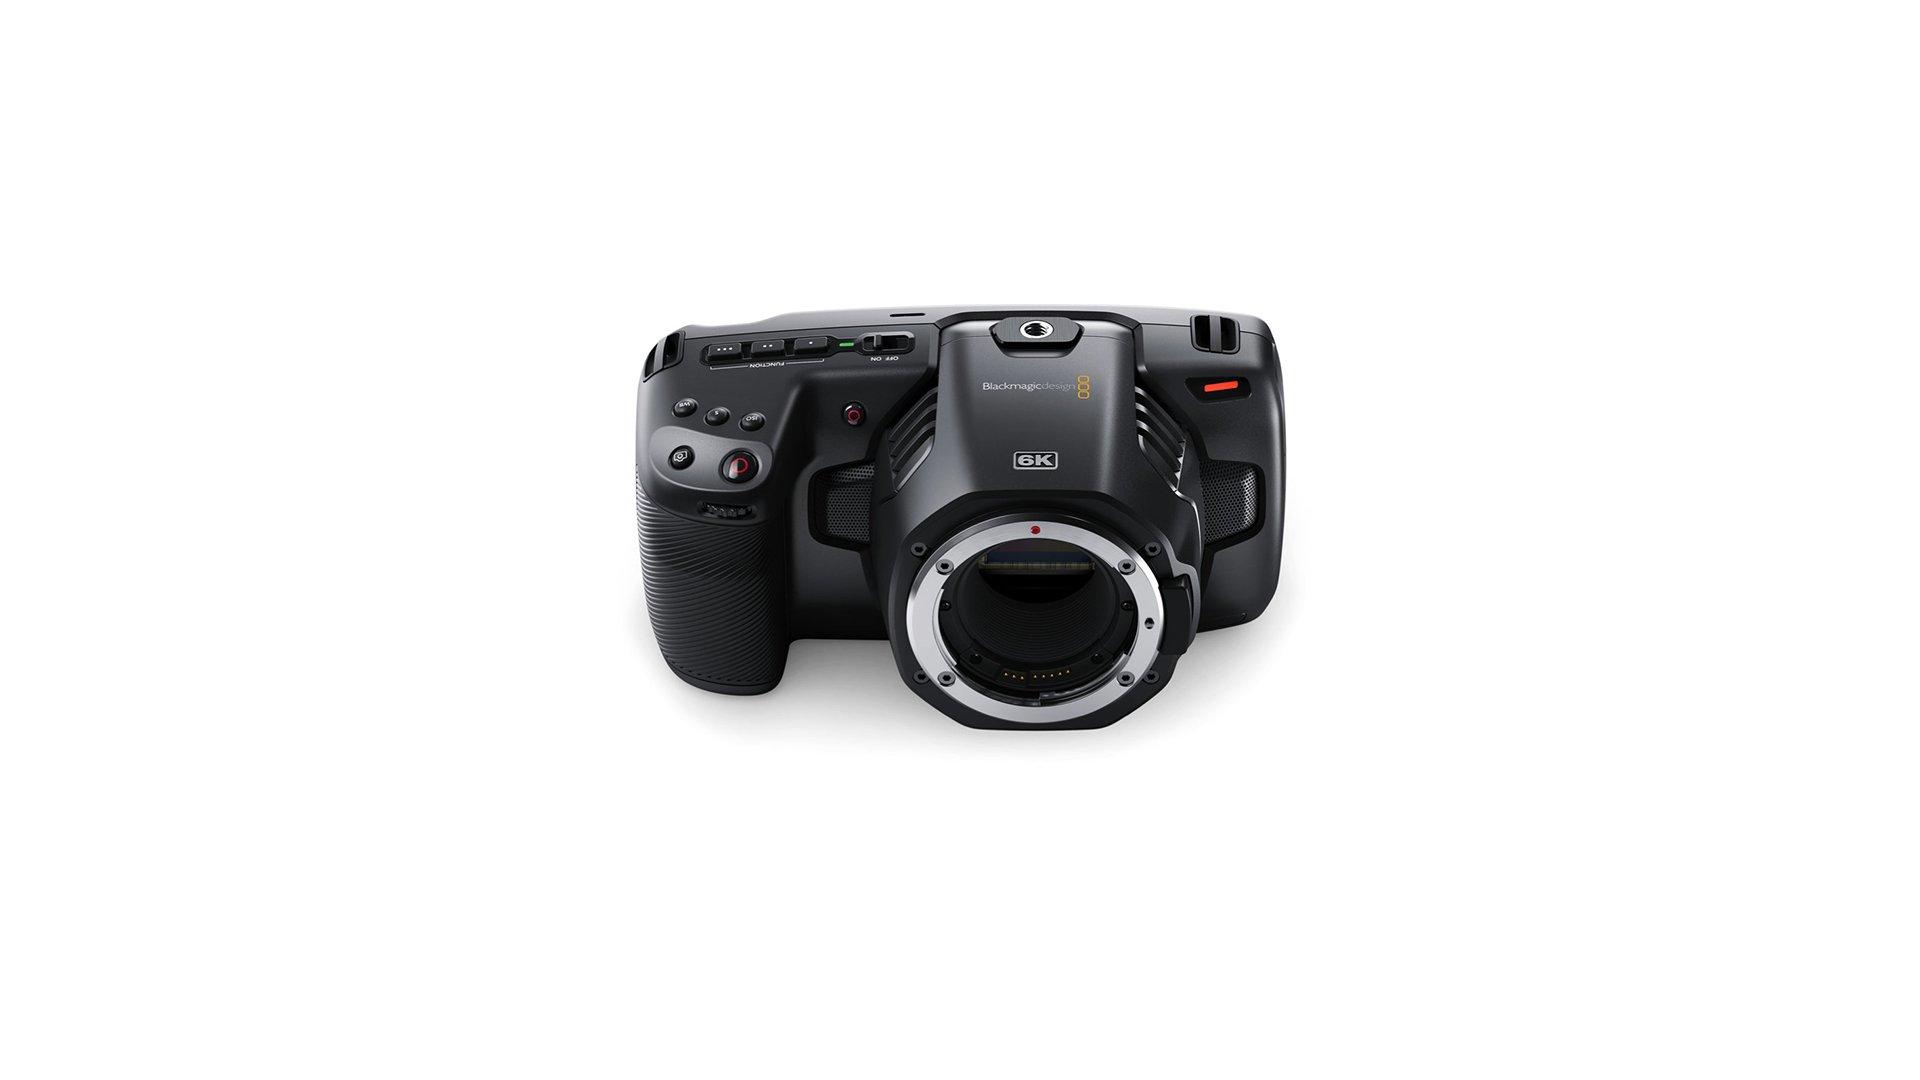 Blackmagic Cinecampochdef6k Blackmagic Pocket Cinema Camera 6k Camcorders Cameras Martcom Eu